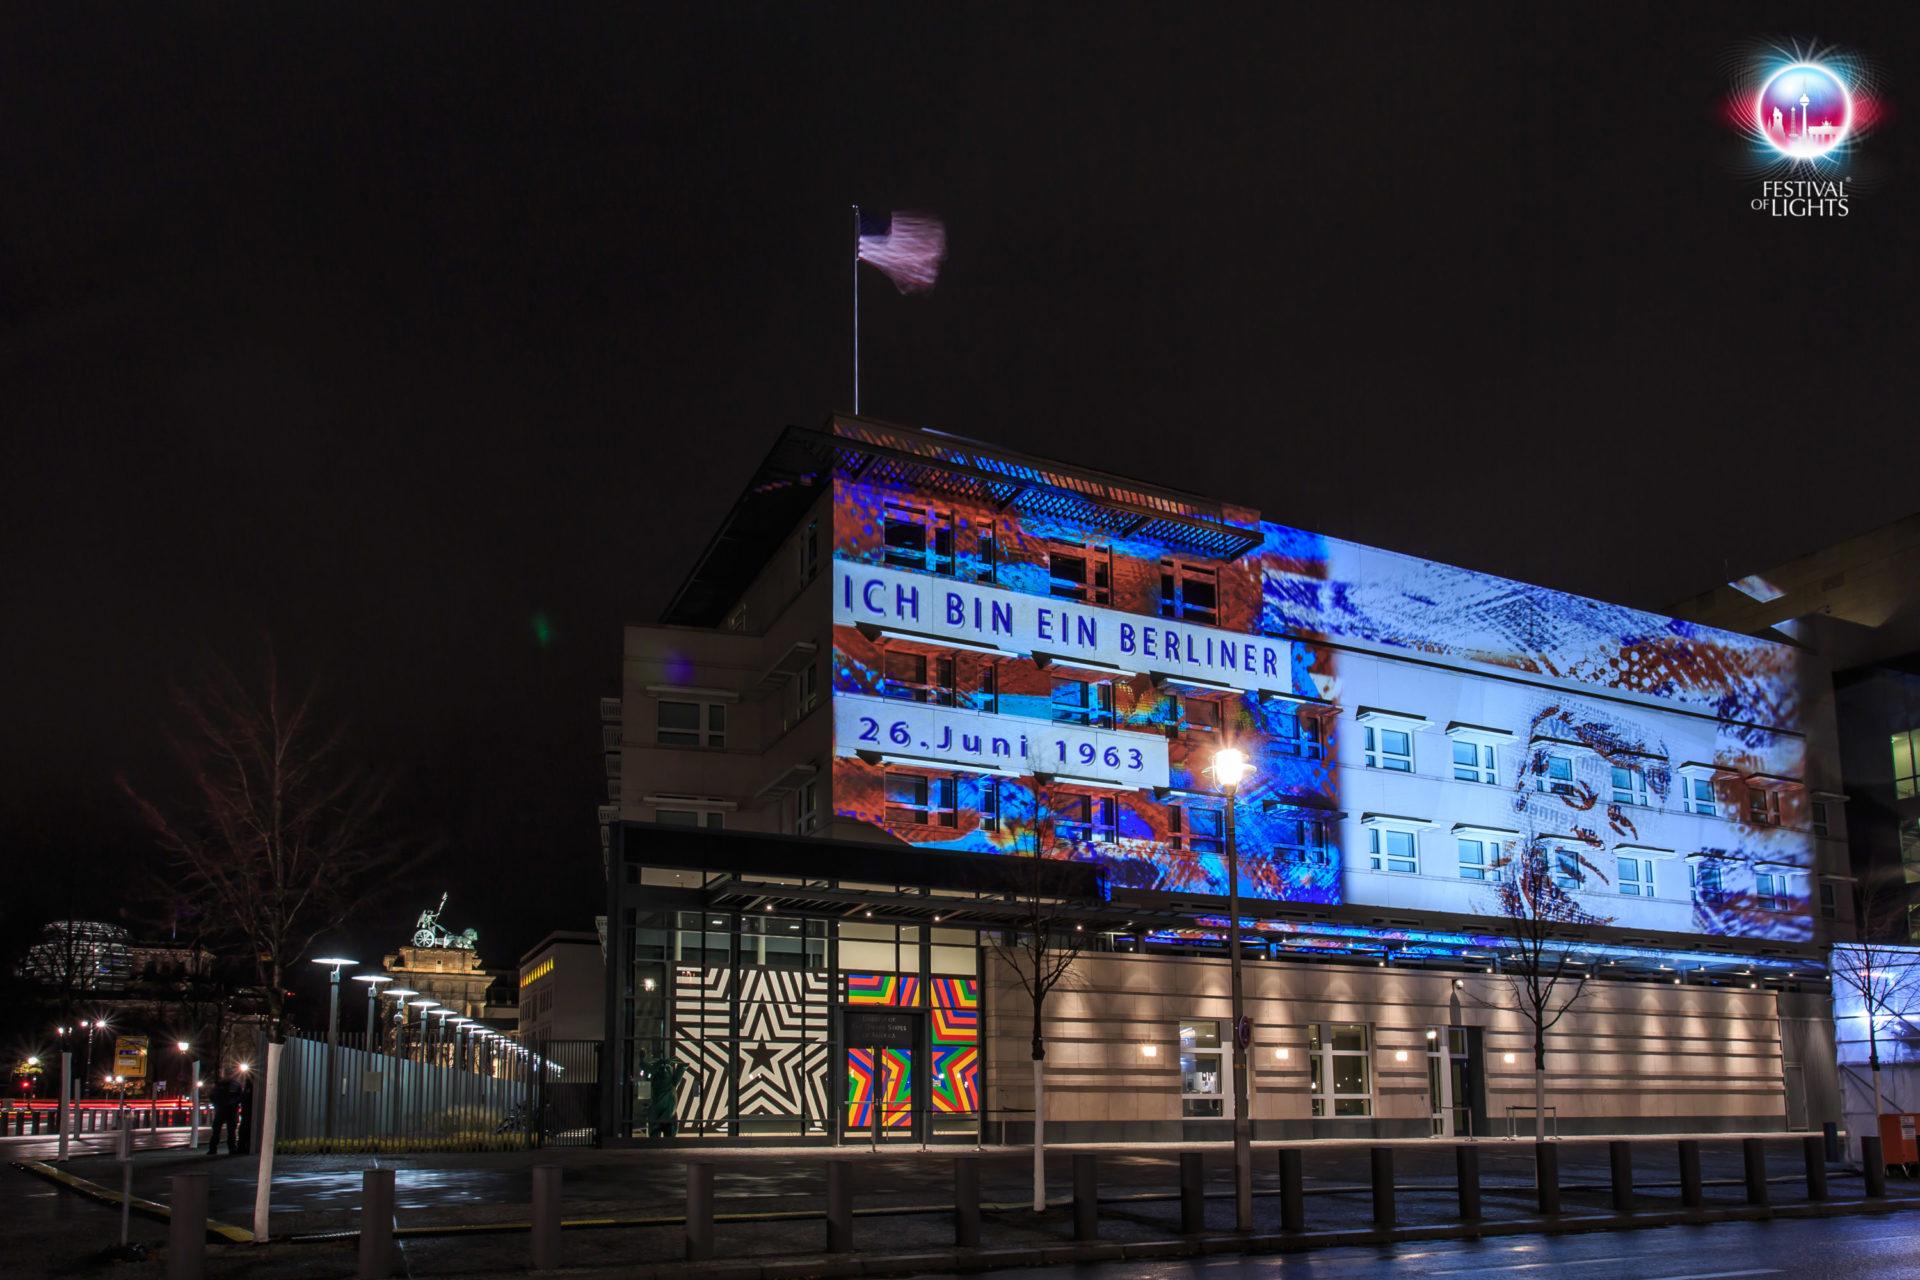 Amerikanische Botschaft - I am a Berliner - 2013